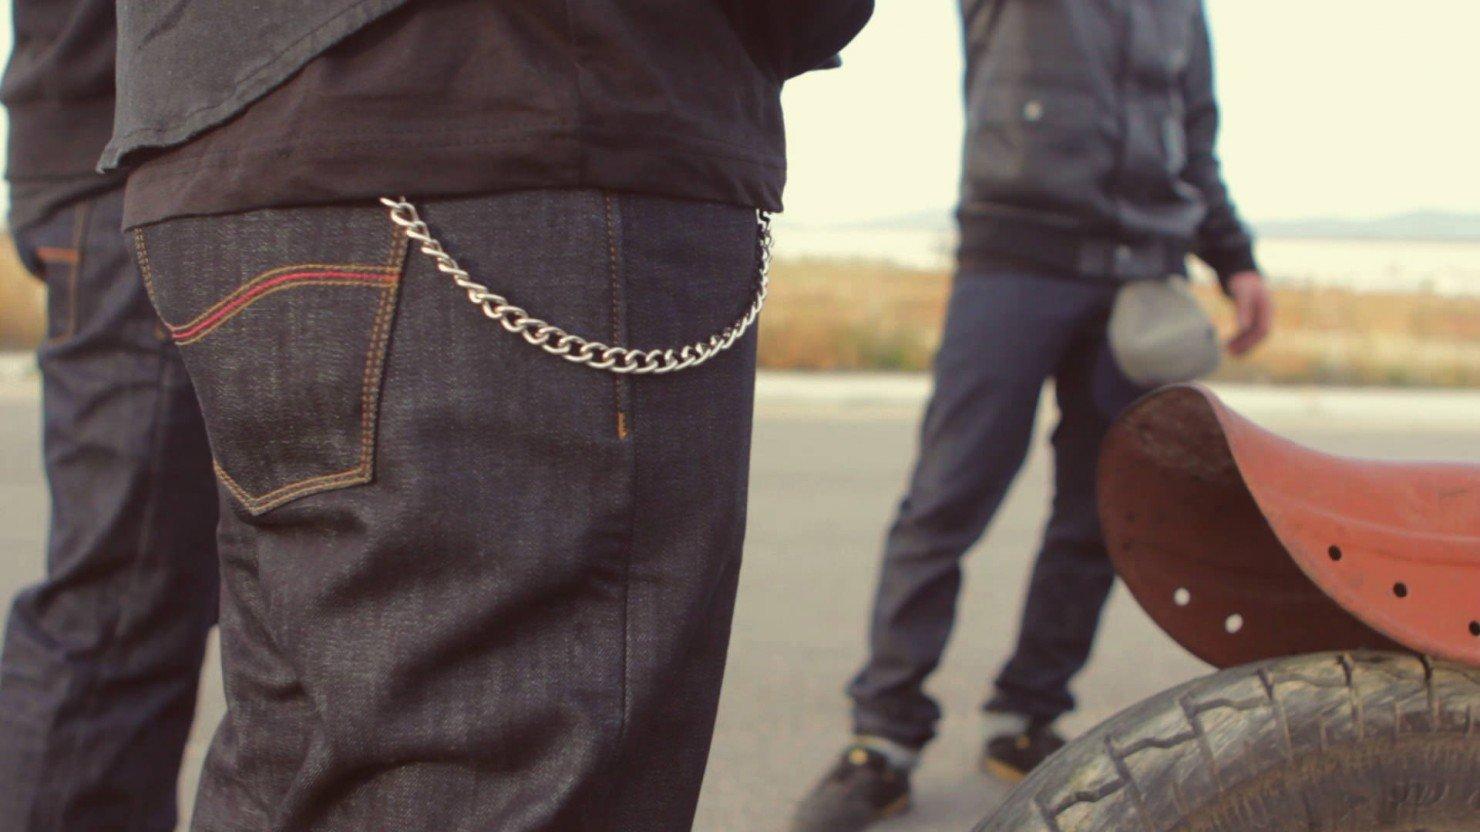 Kevlar-Motorcycle-Jeans-4